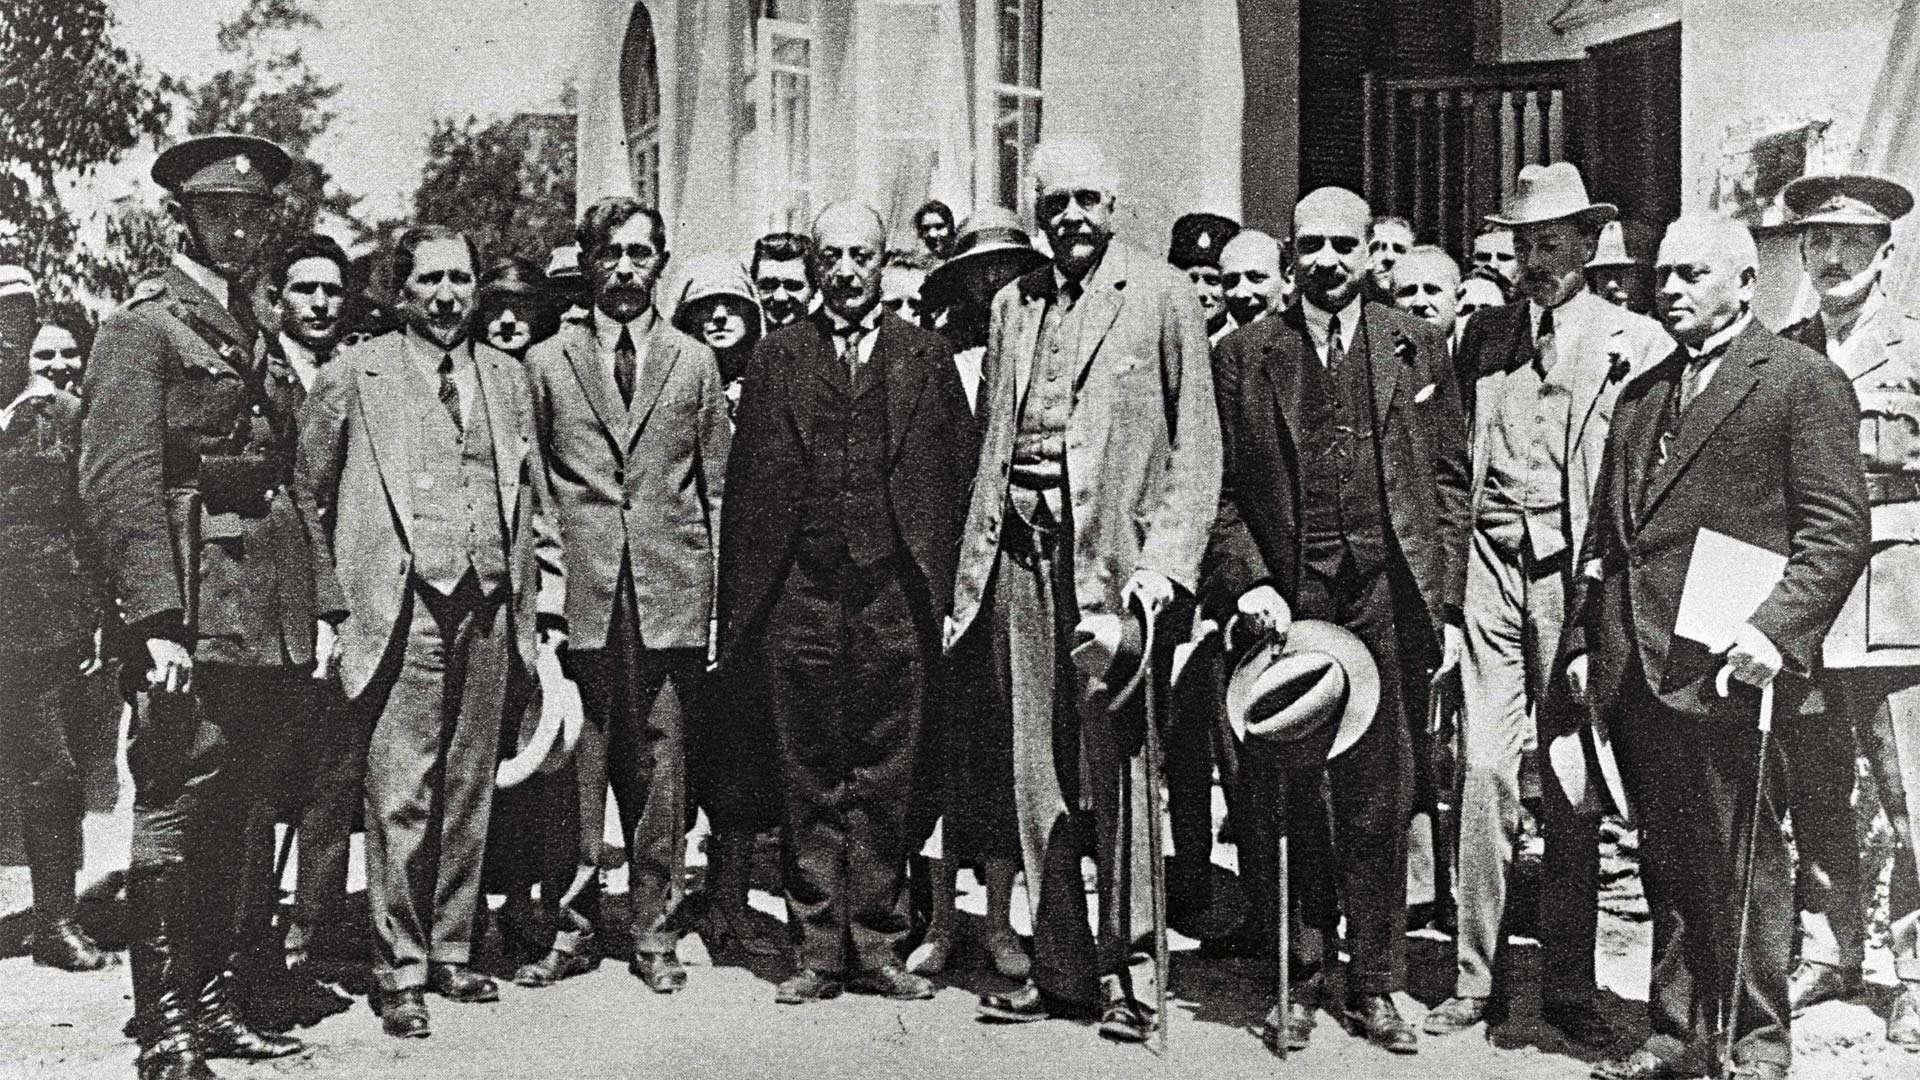 Arthur Balfour in Group Photo Tel Aviv, 1925